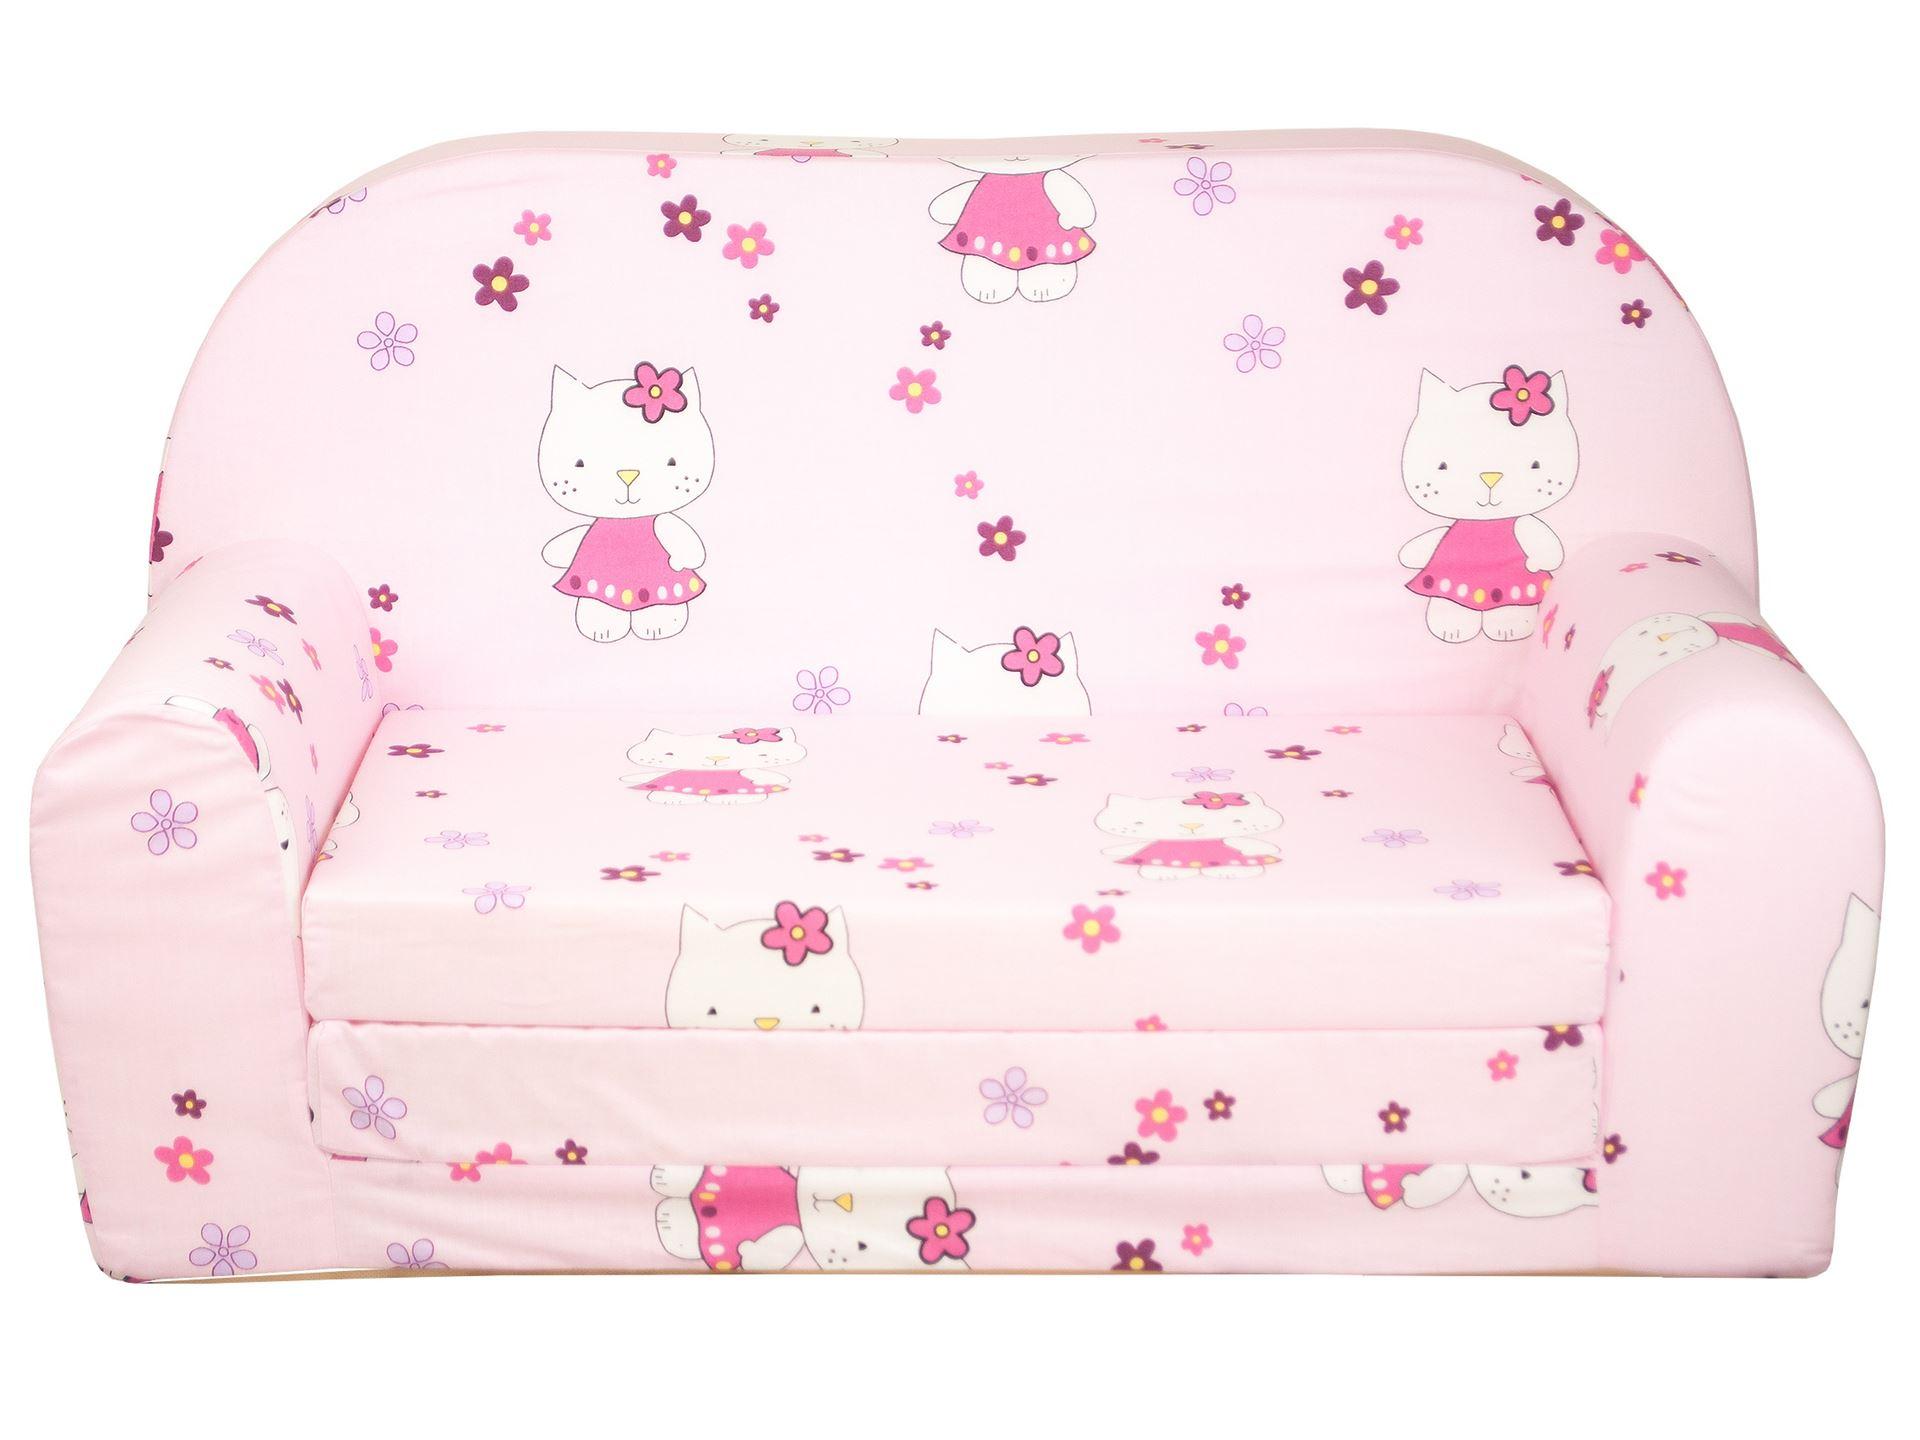 Rozkládací dětská mini pohovka Hello Kitty - Žlutá